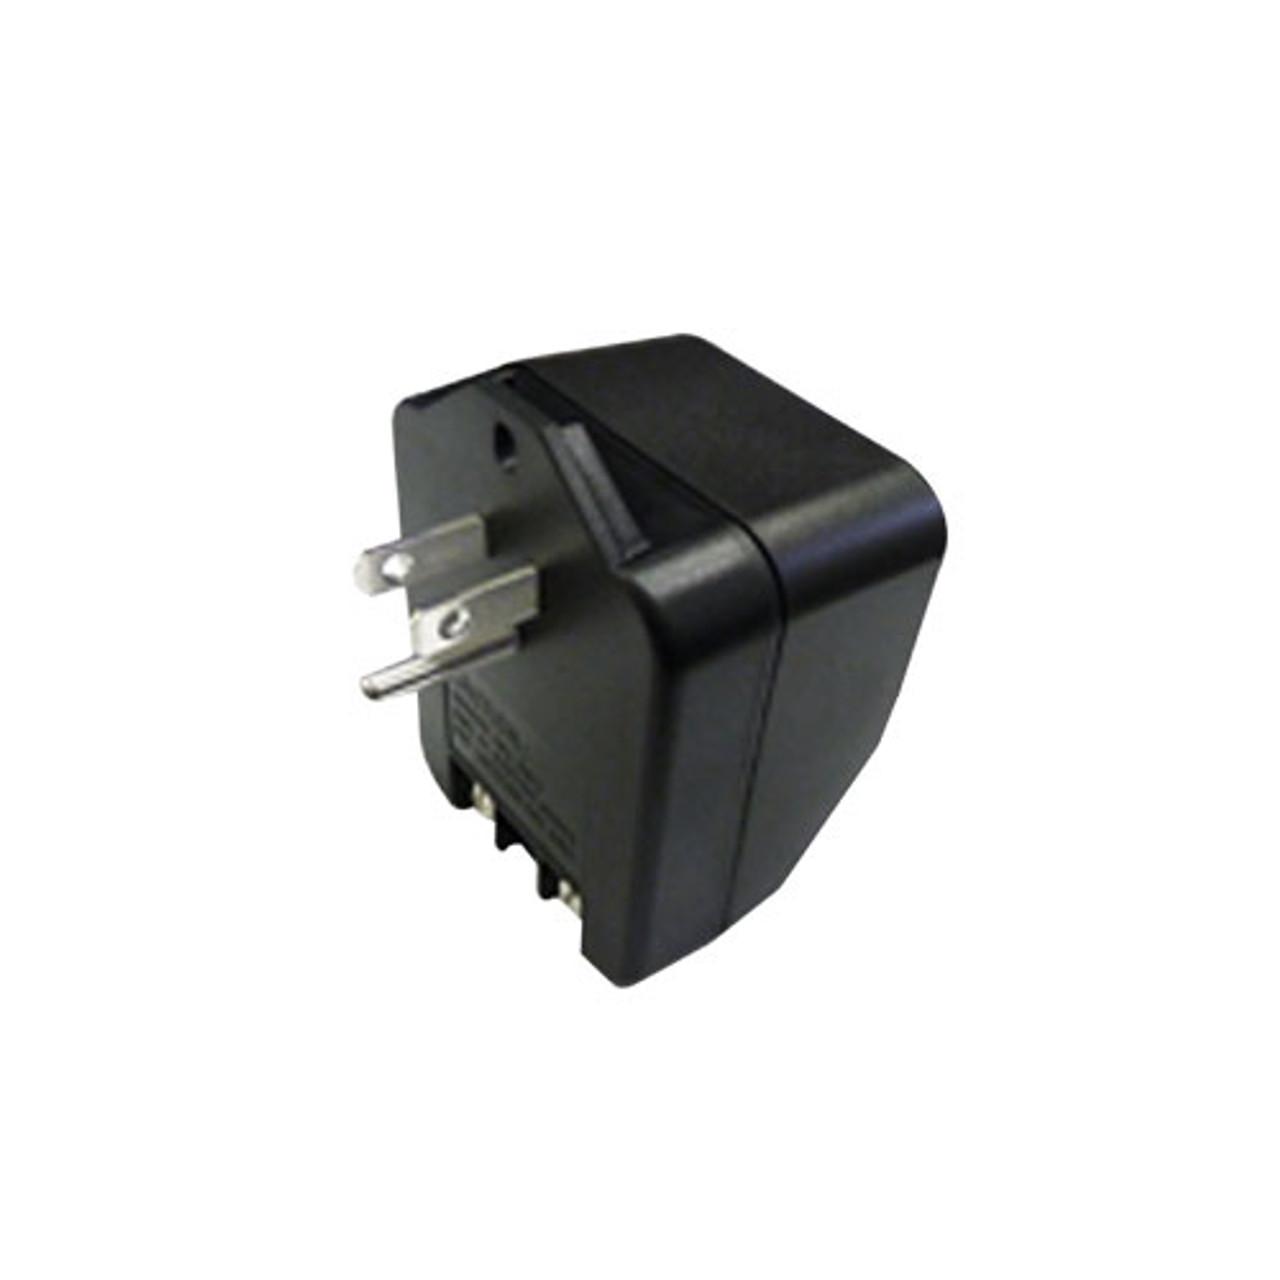 5204 Trine Plug in Type AC Transformer